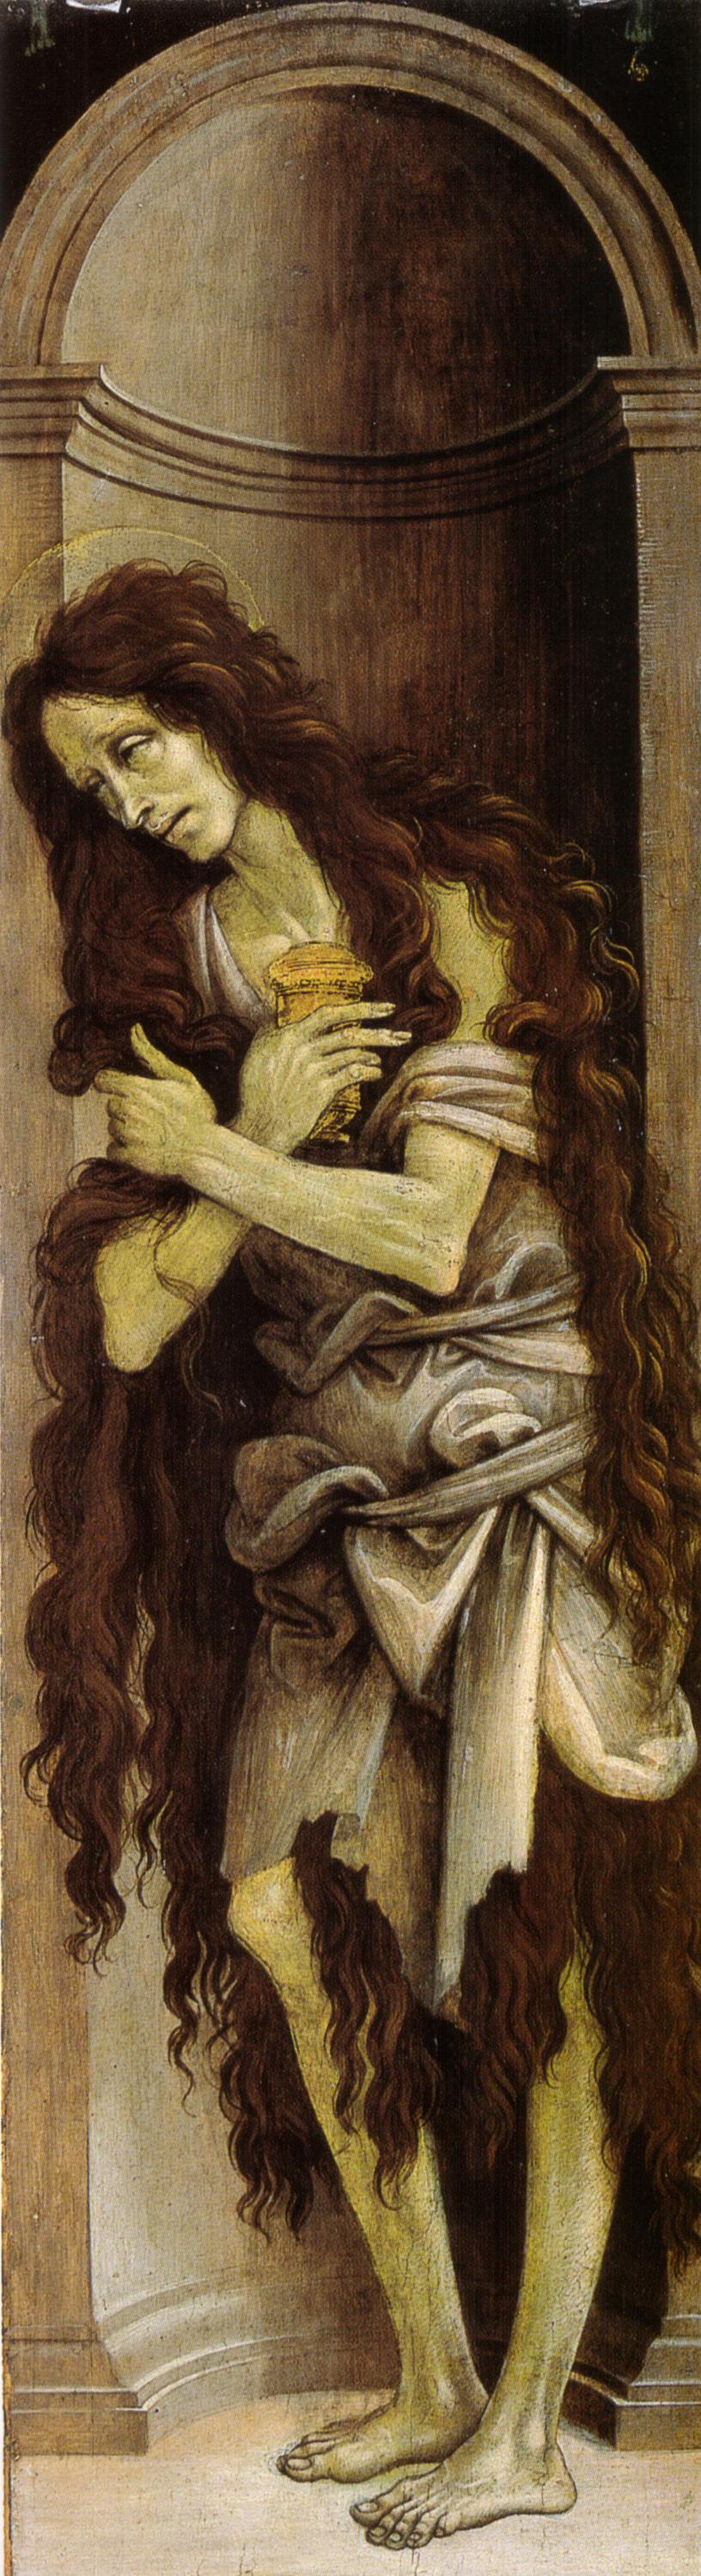 Filippino Lippi, Maria Maddalena, 1500 circa, olio su tavola, 133×38 cm, Galleria dell'Accademia, Firenze